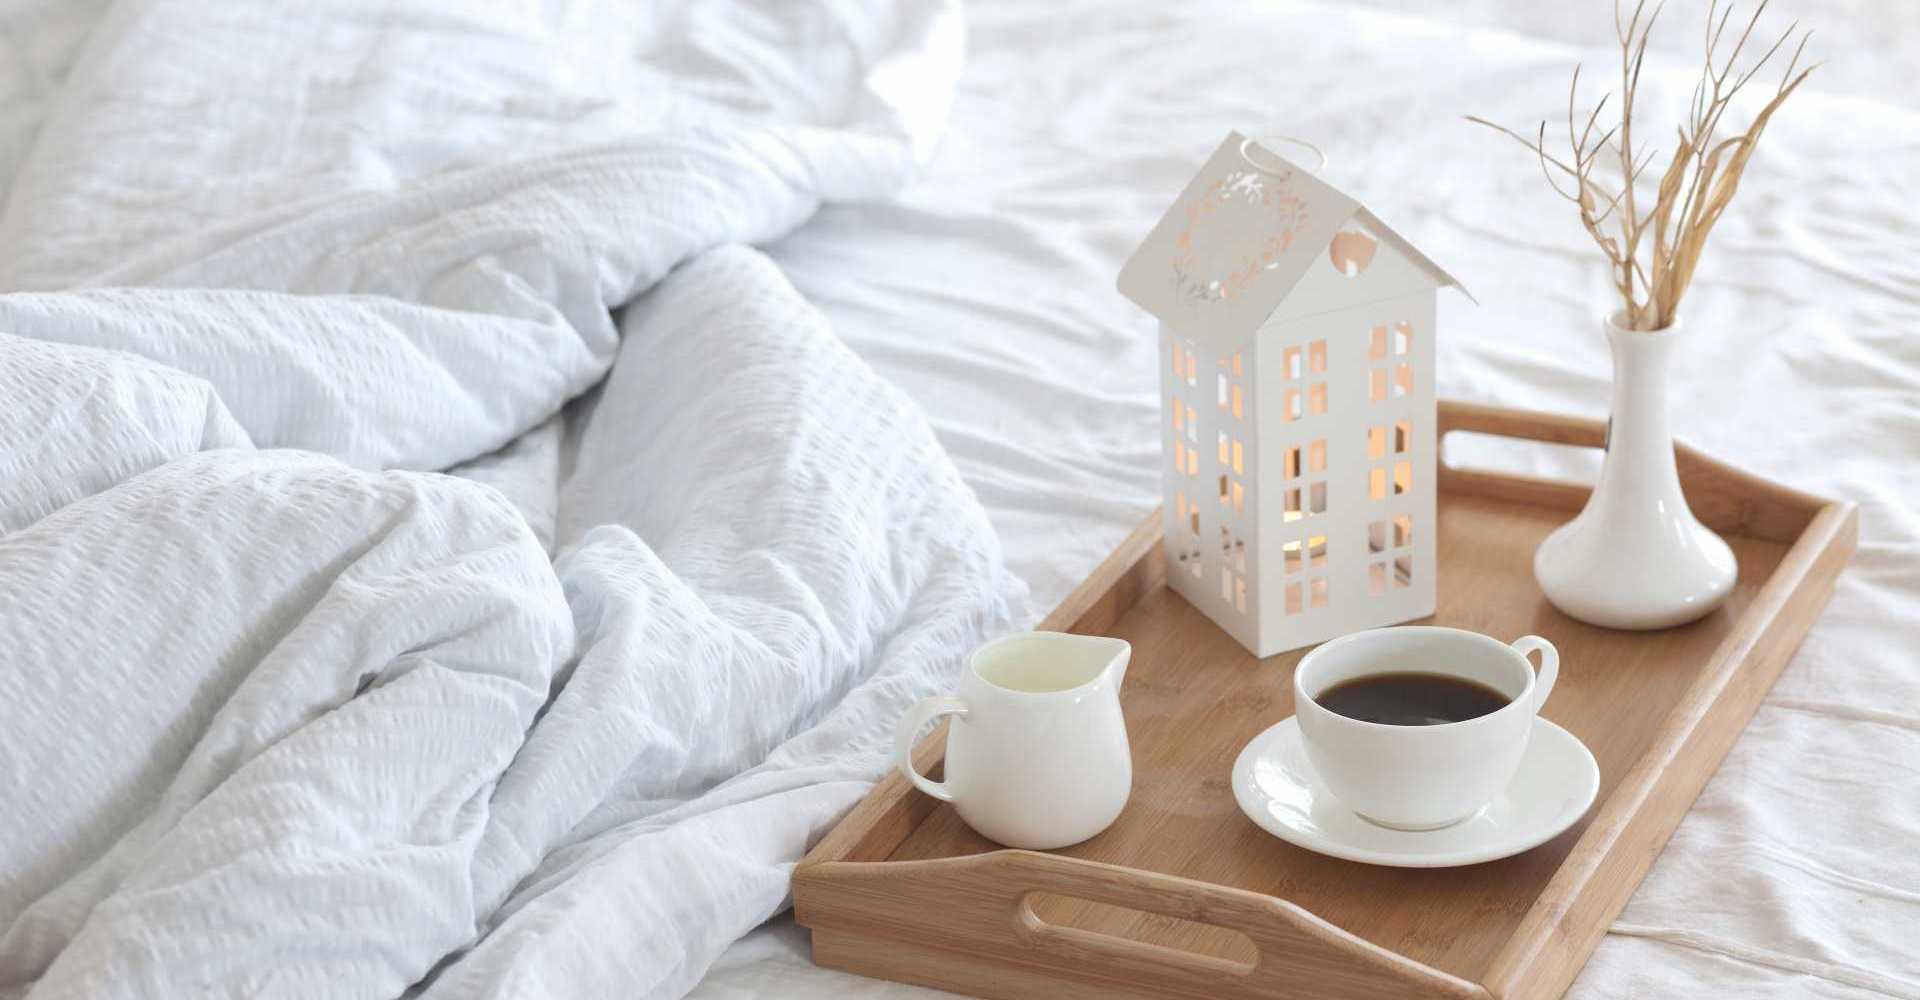 Wohntrends aus Skandinavien_Tablett auf Bett_shutterstock_186026738_L